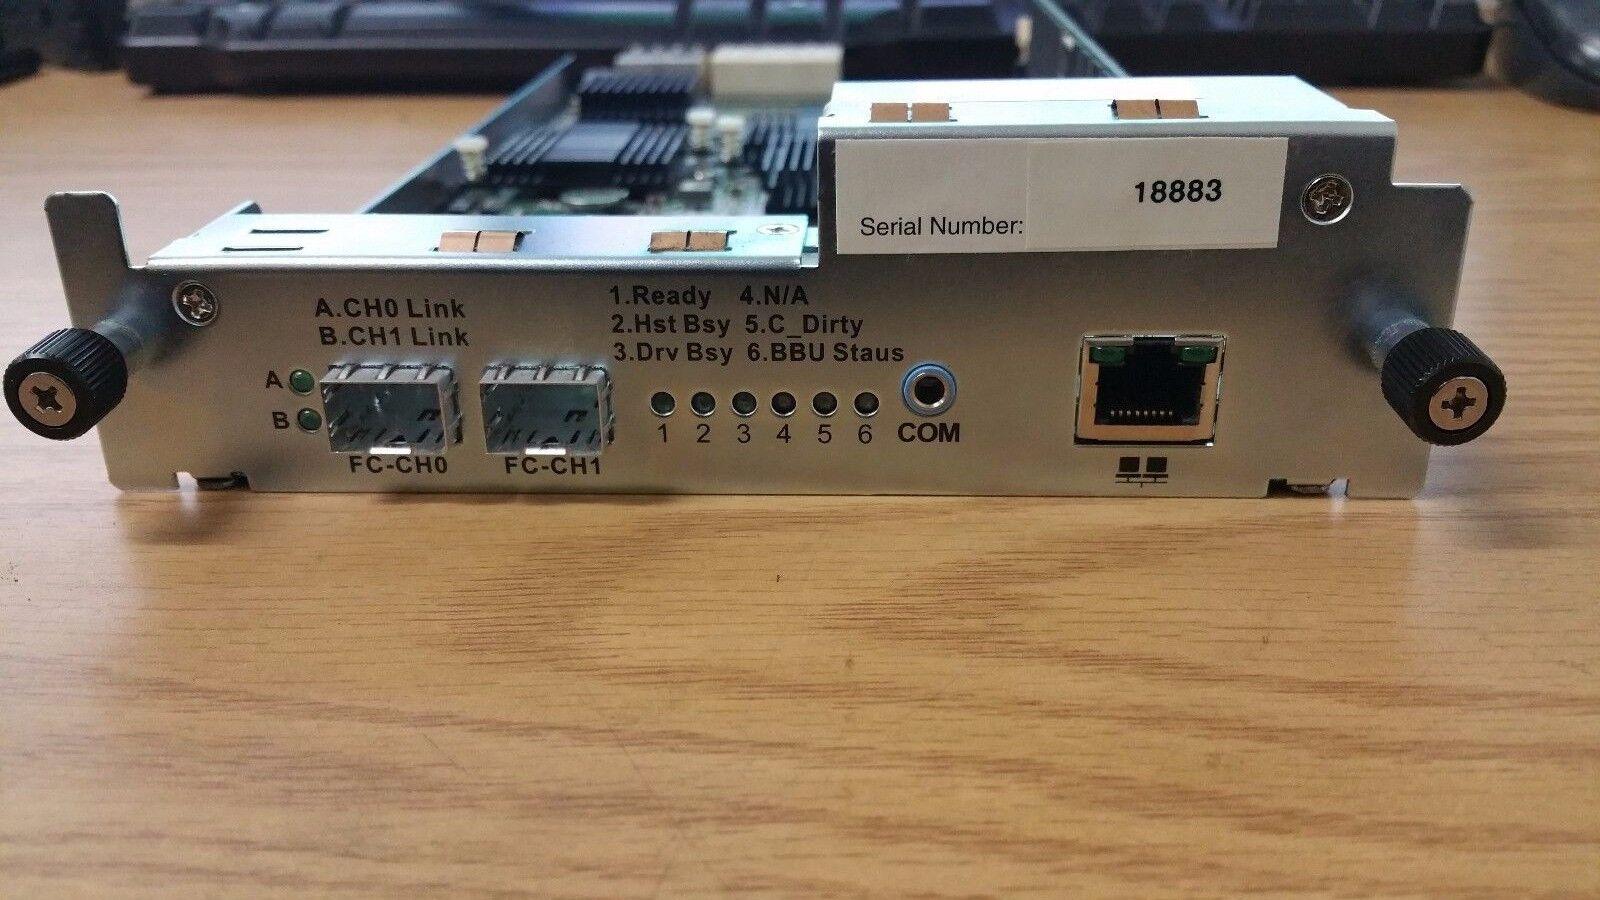 Infortrend 82AF24GD08-0010 Storage controller RAID Card w/ 1GB RAM